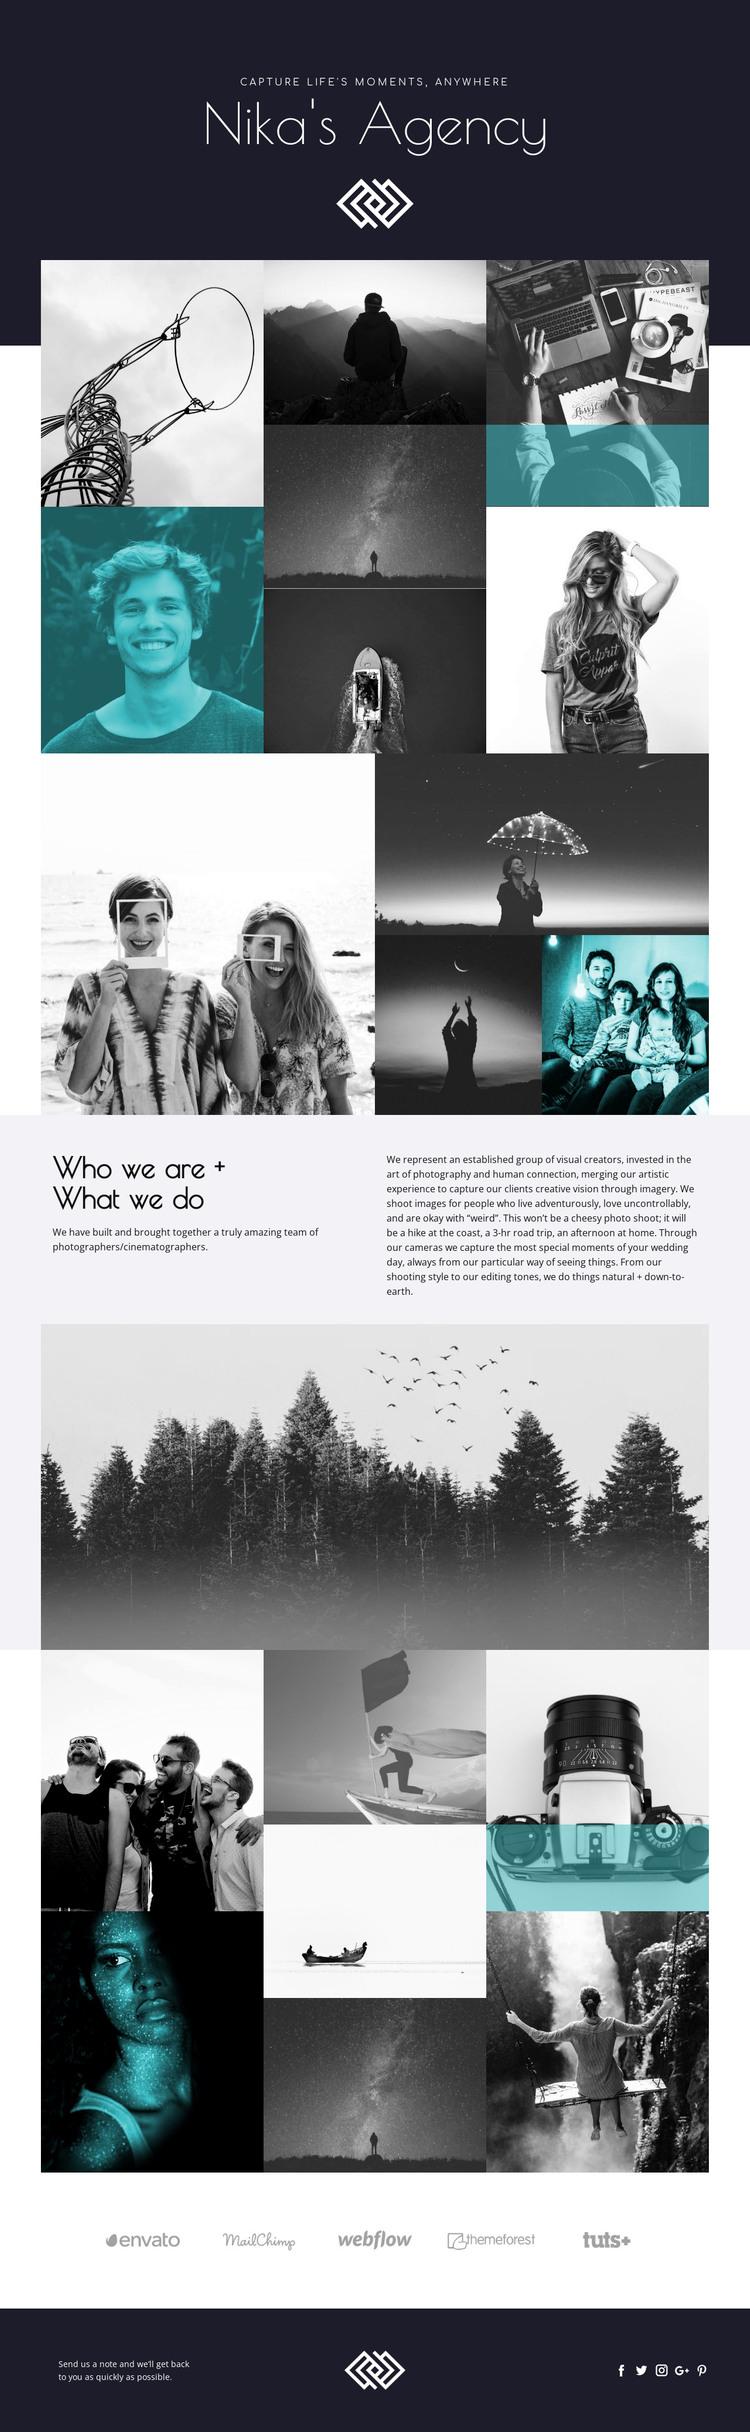 Nika's Agency Web Design